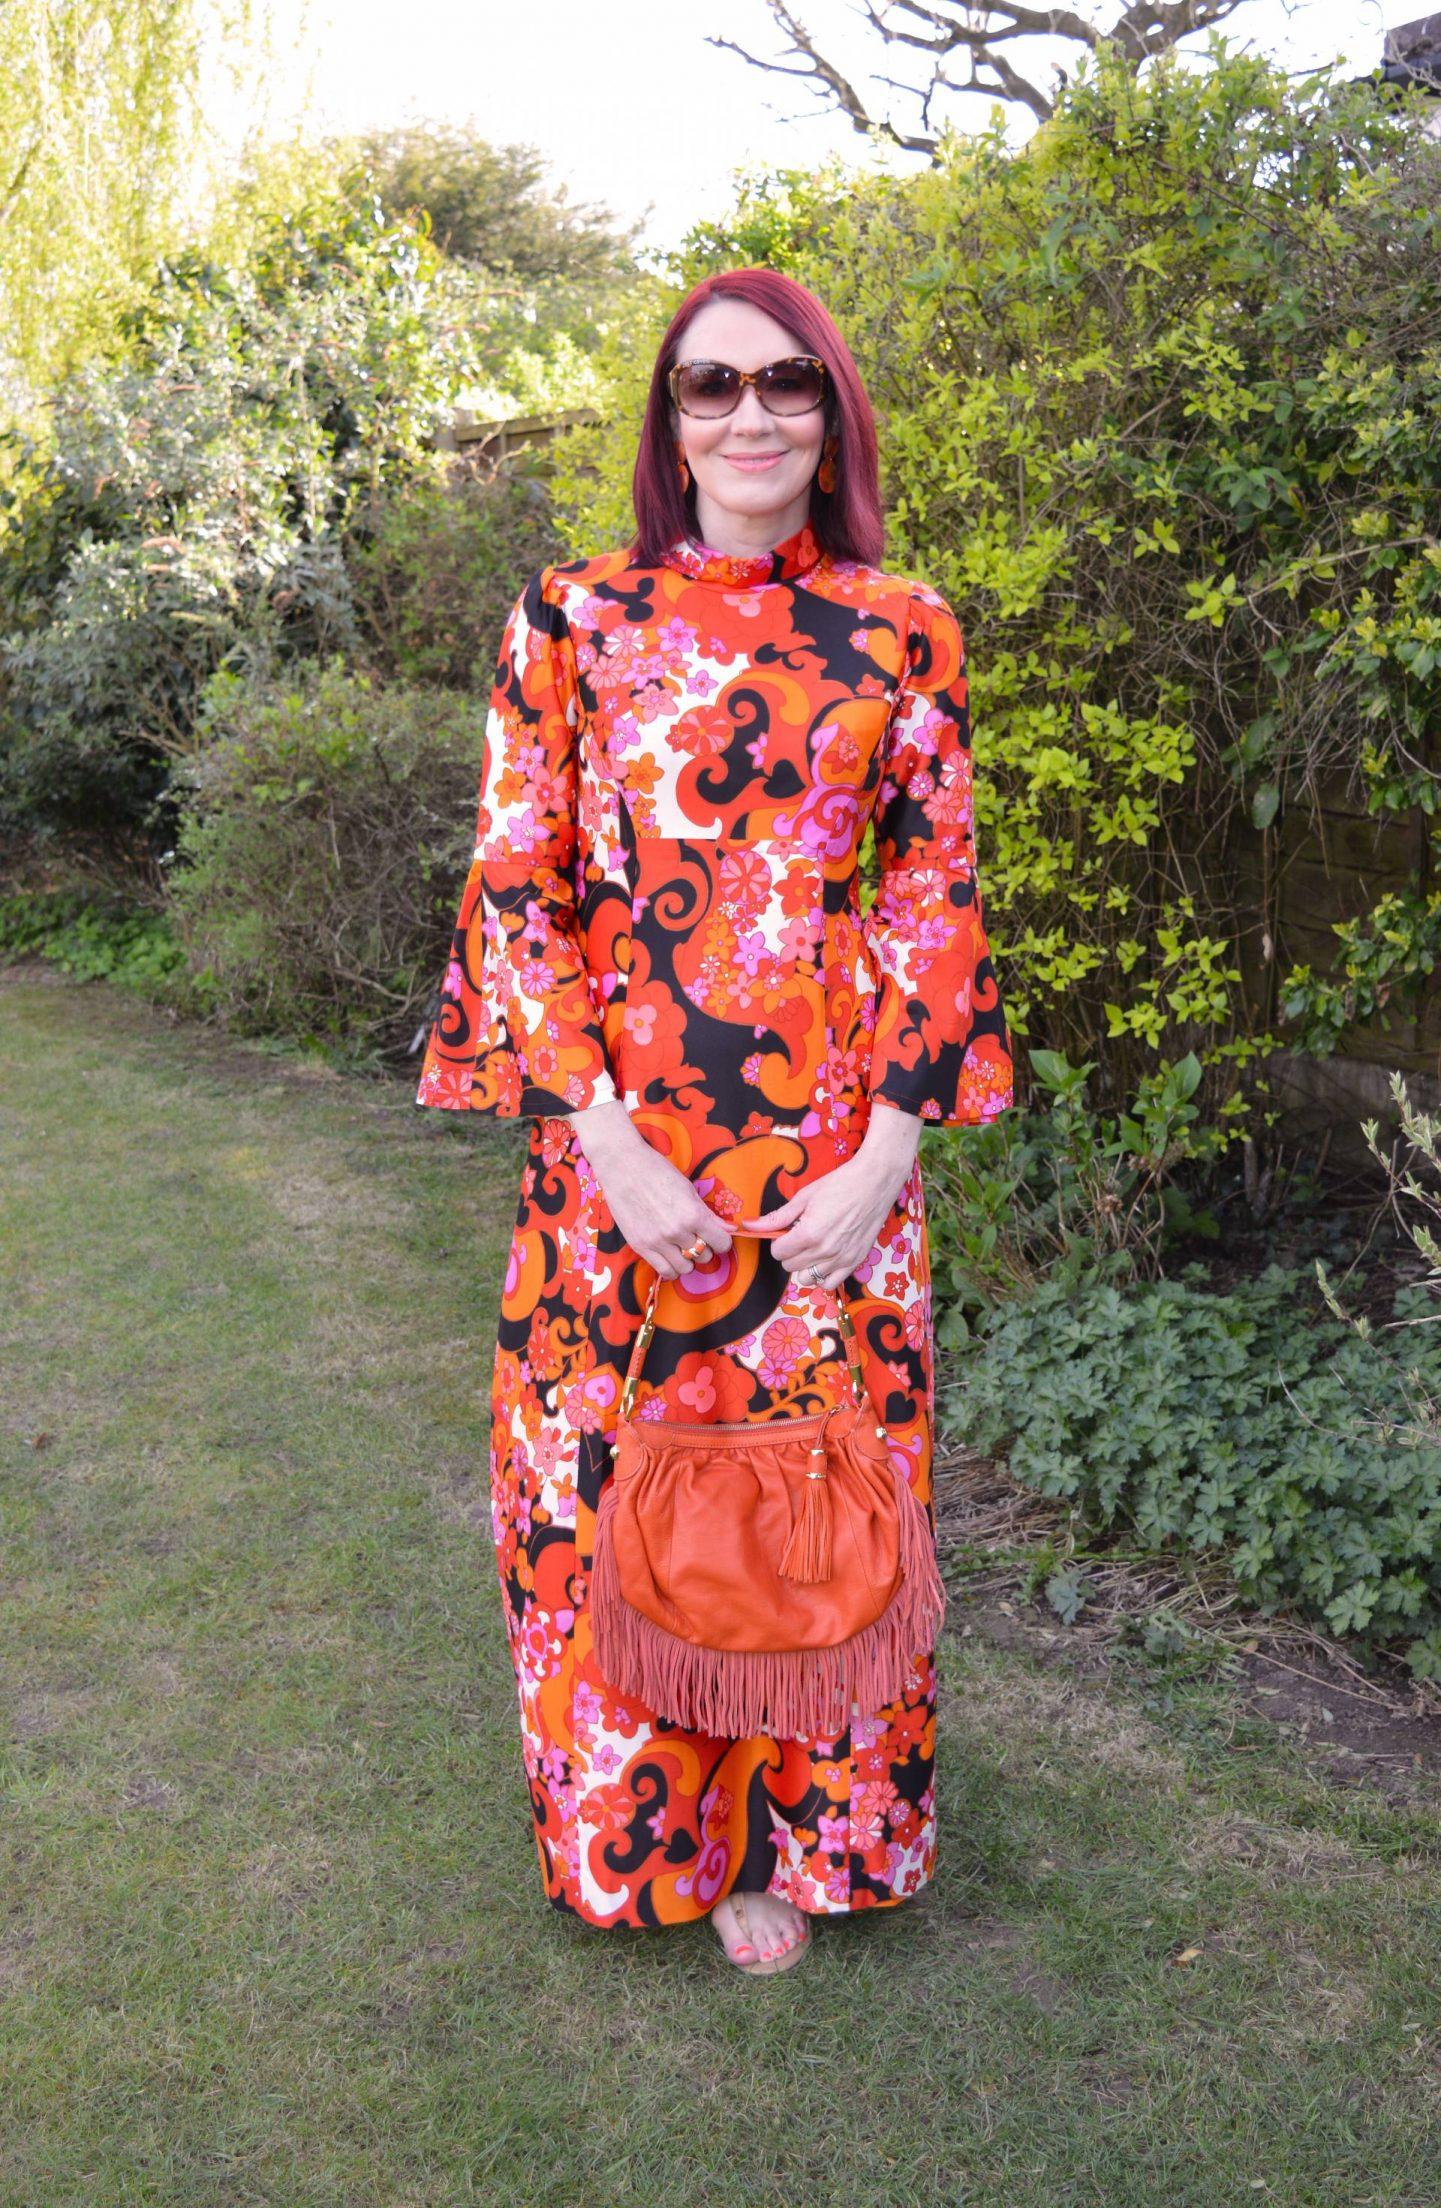 orange and pink vintage dress